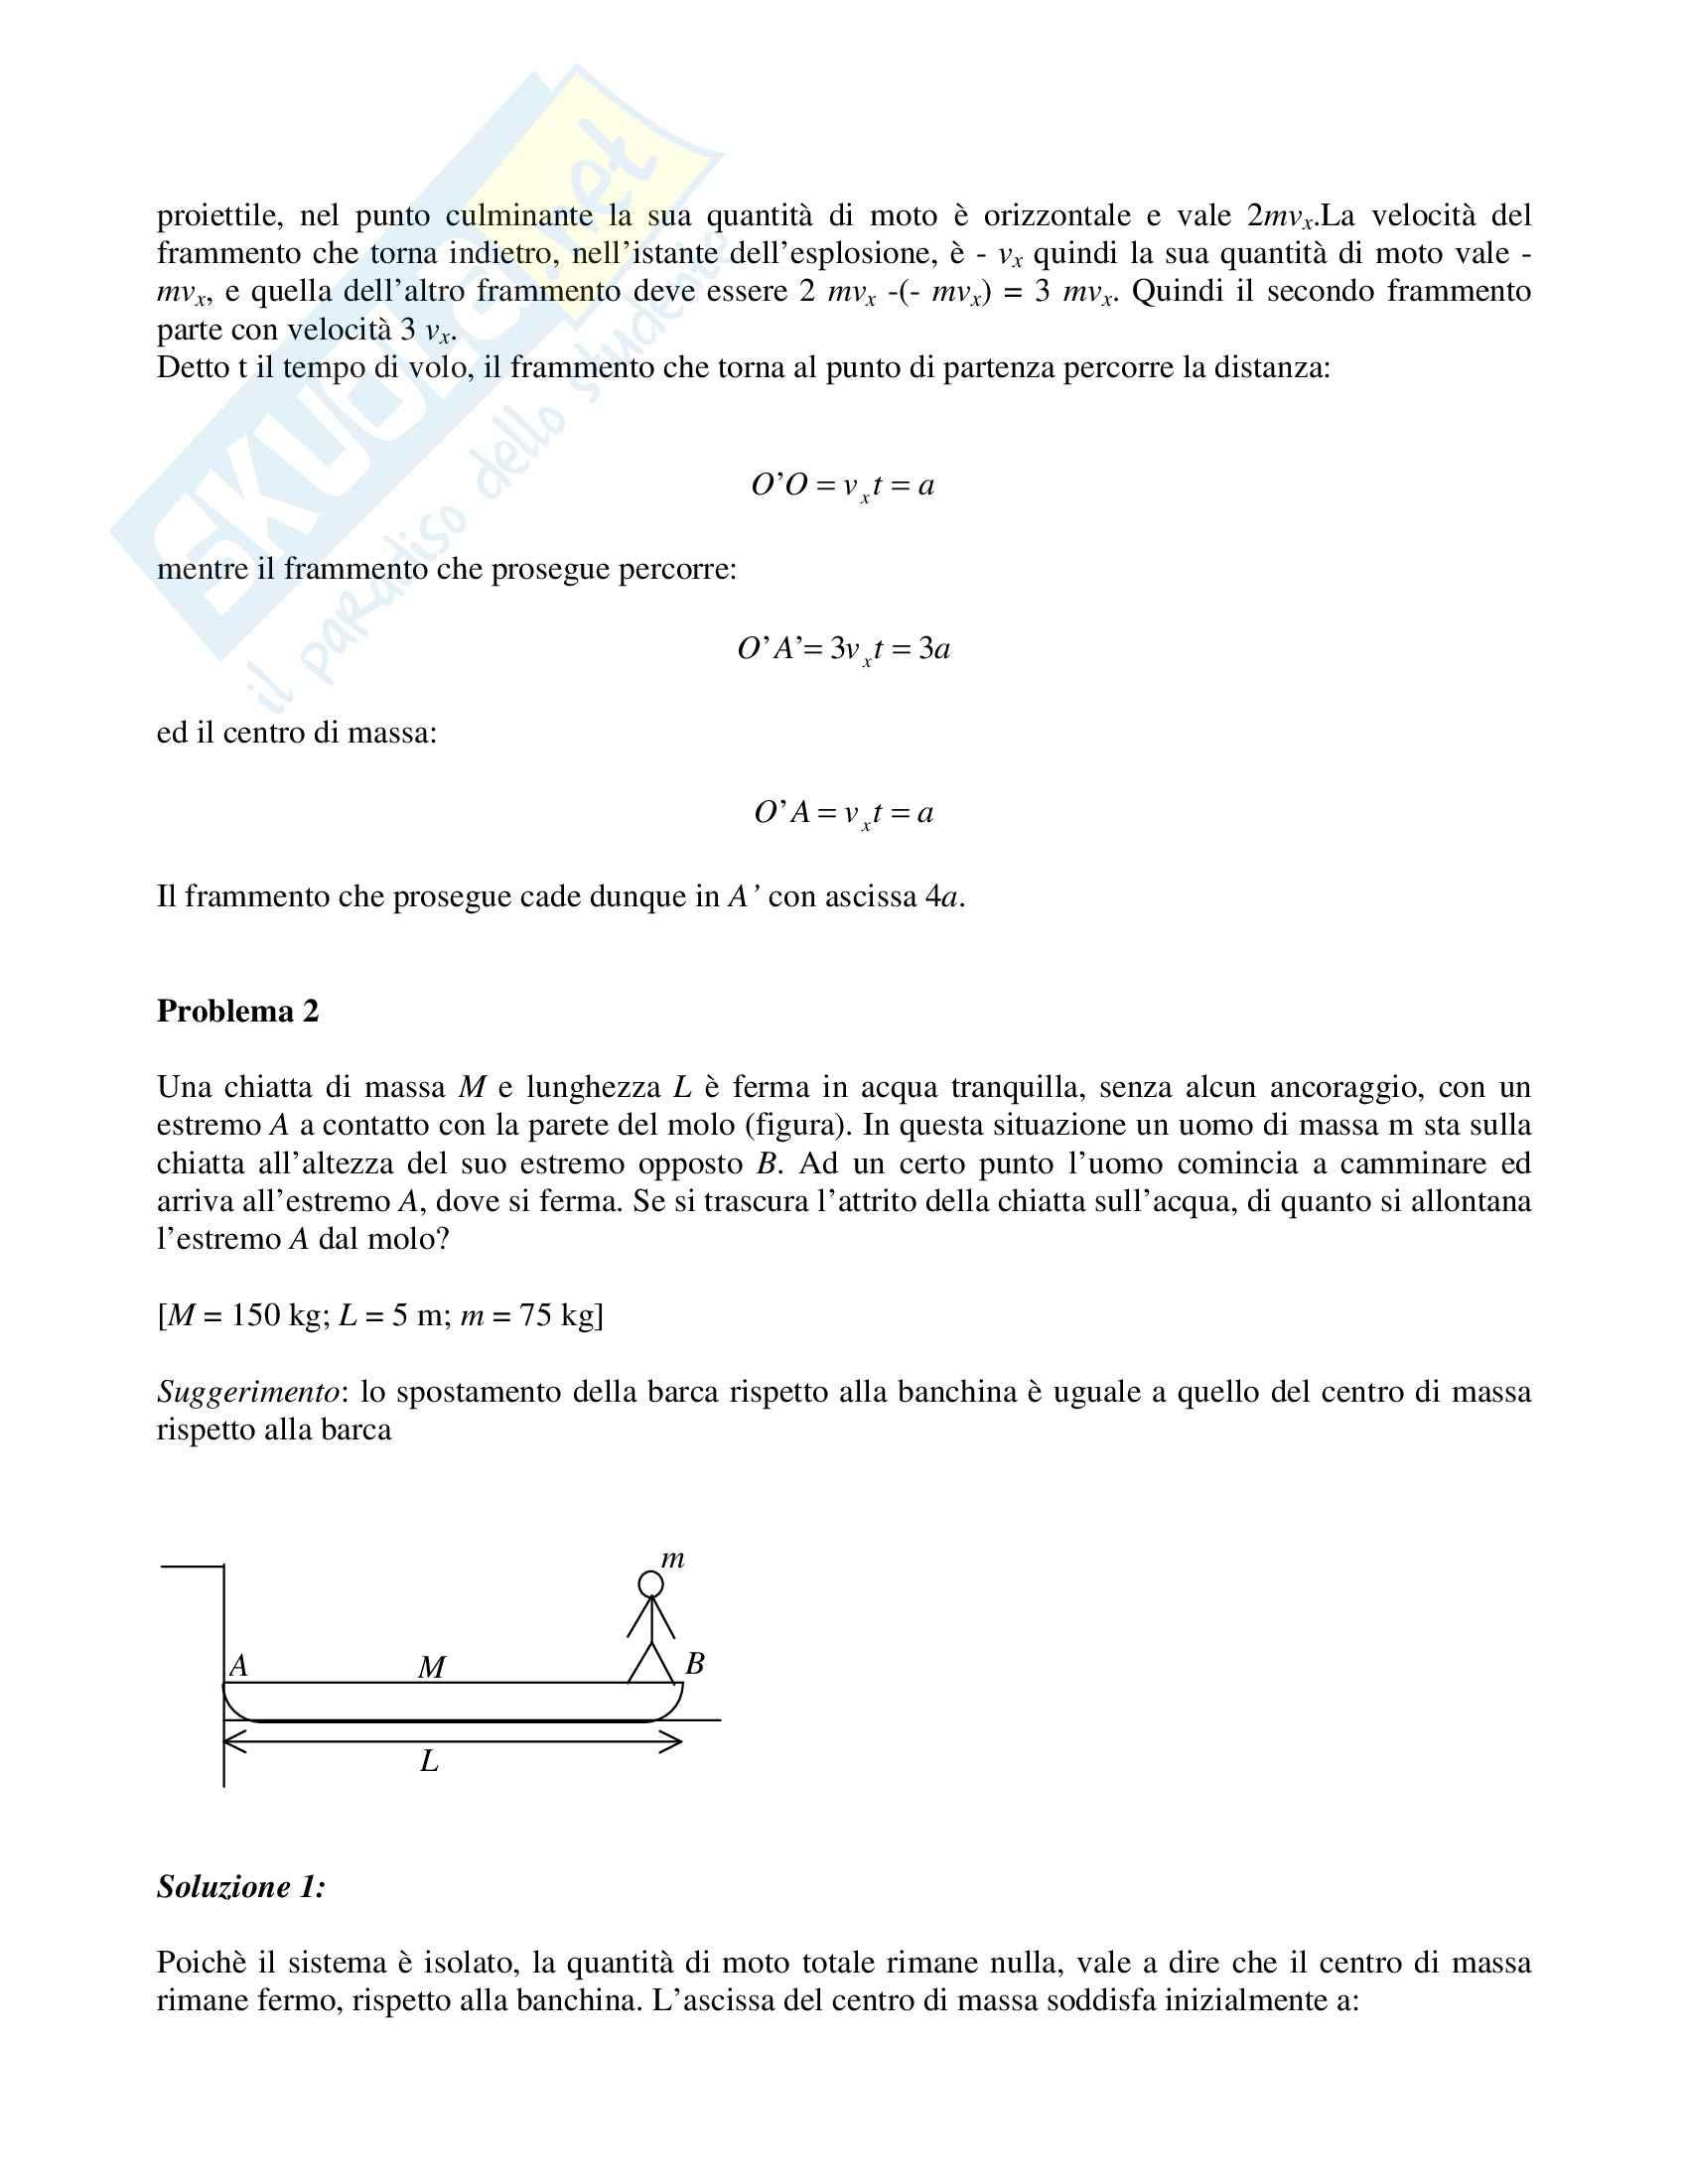 Risoluzione problemi di fisica Pag. 41